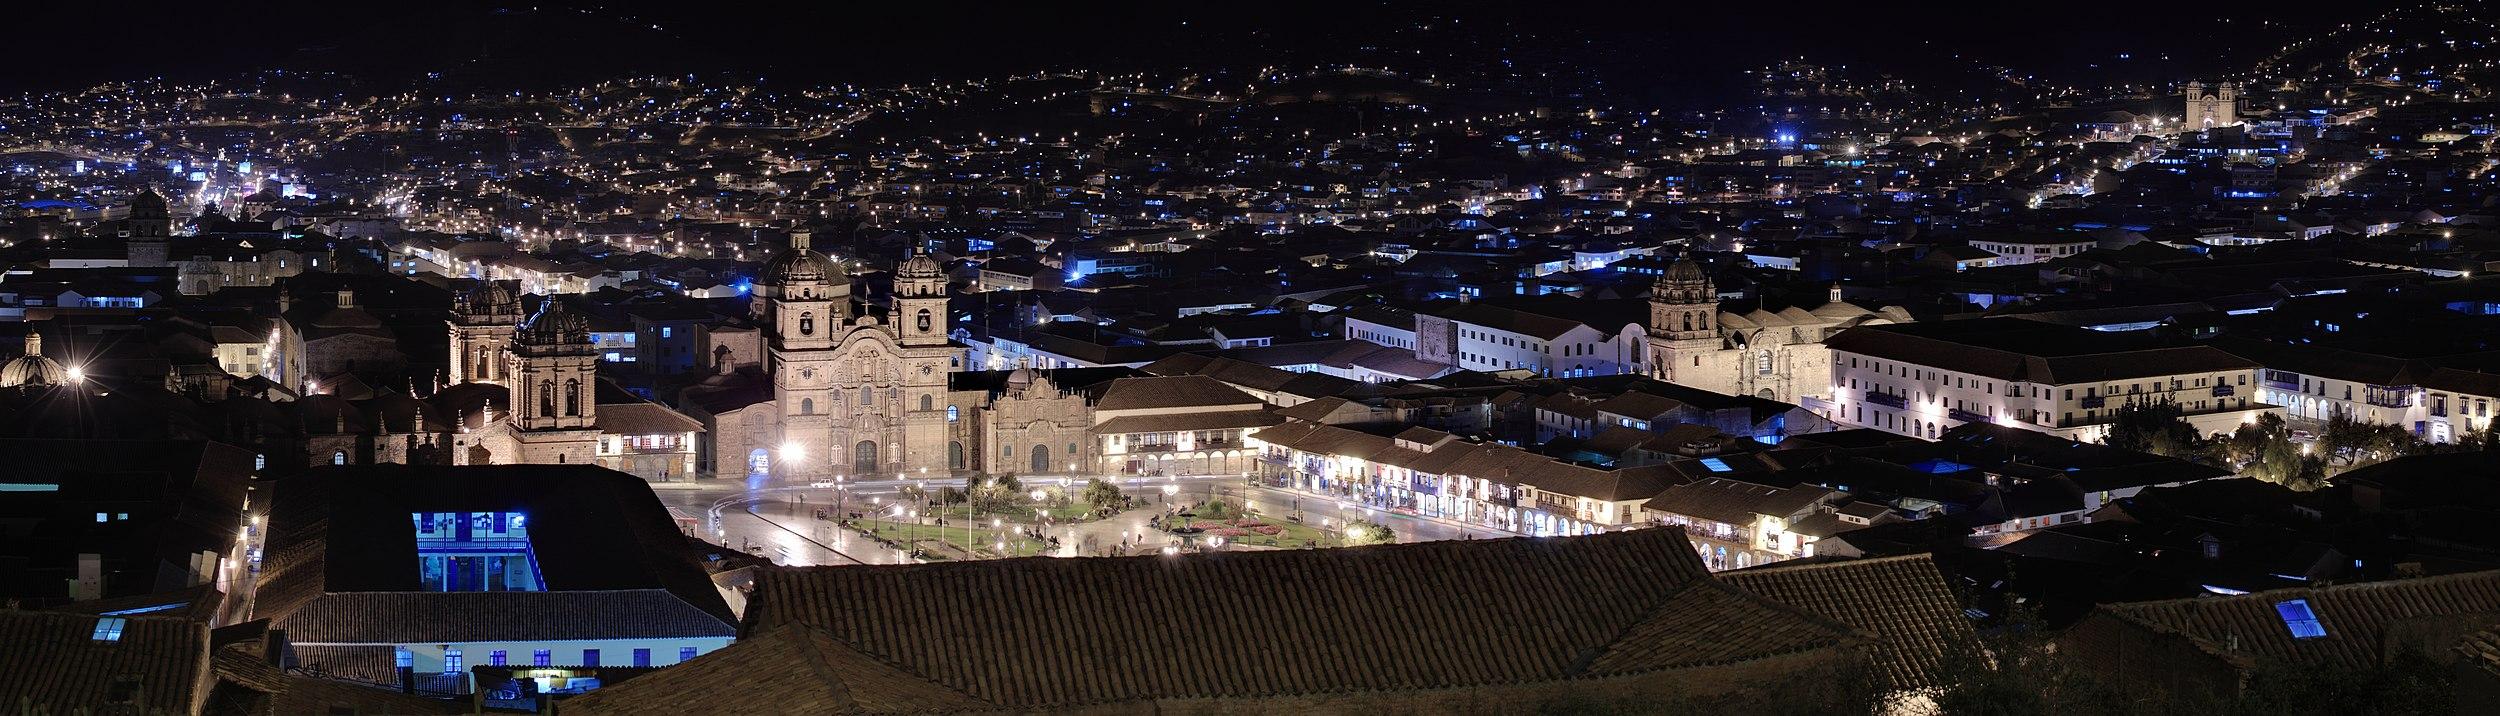 82 - Cuzco - Juin 2009.jpg